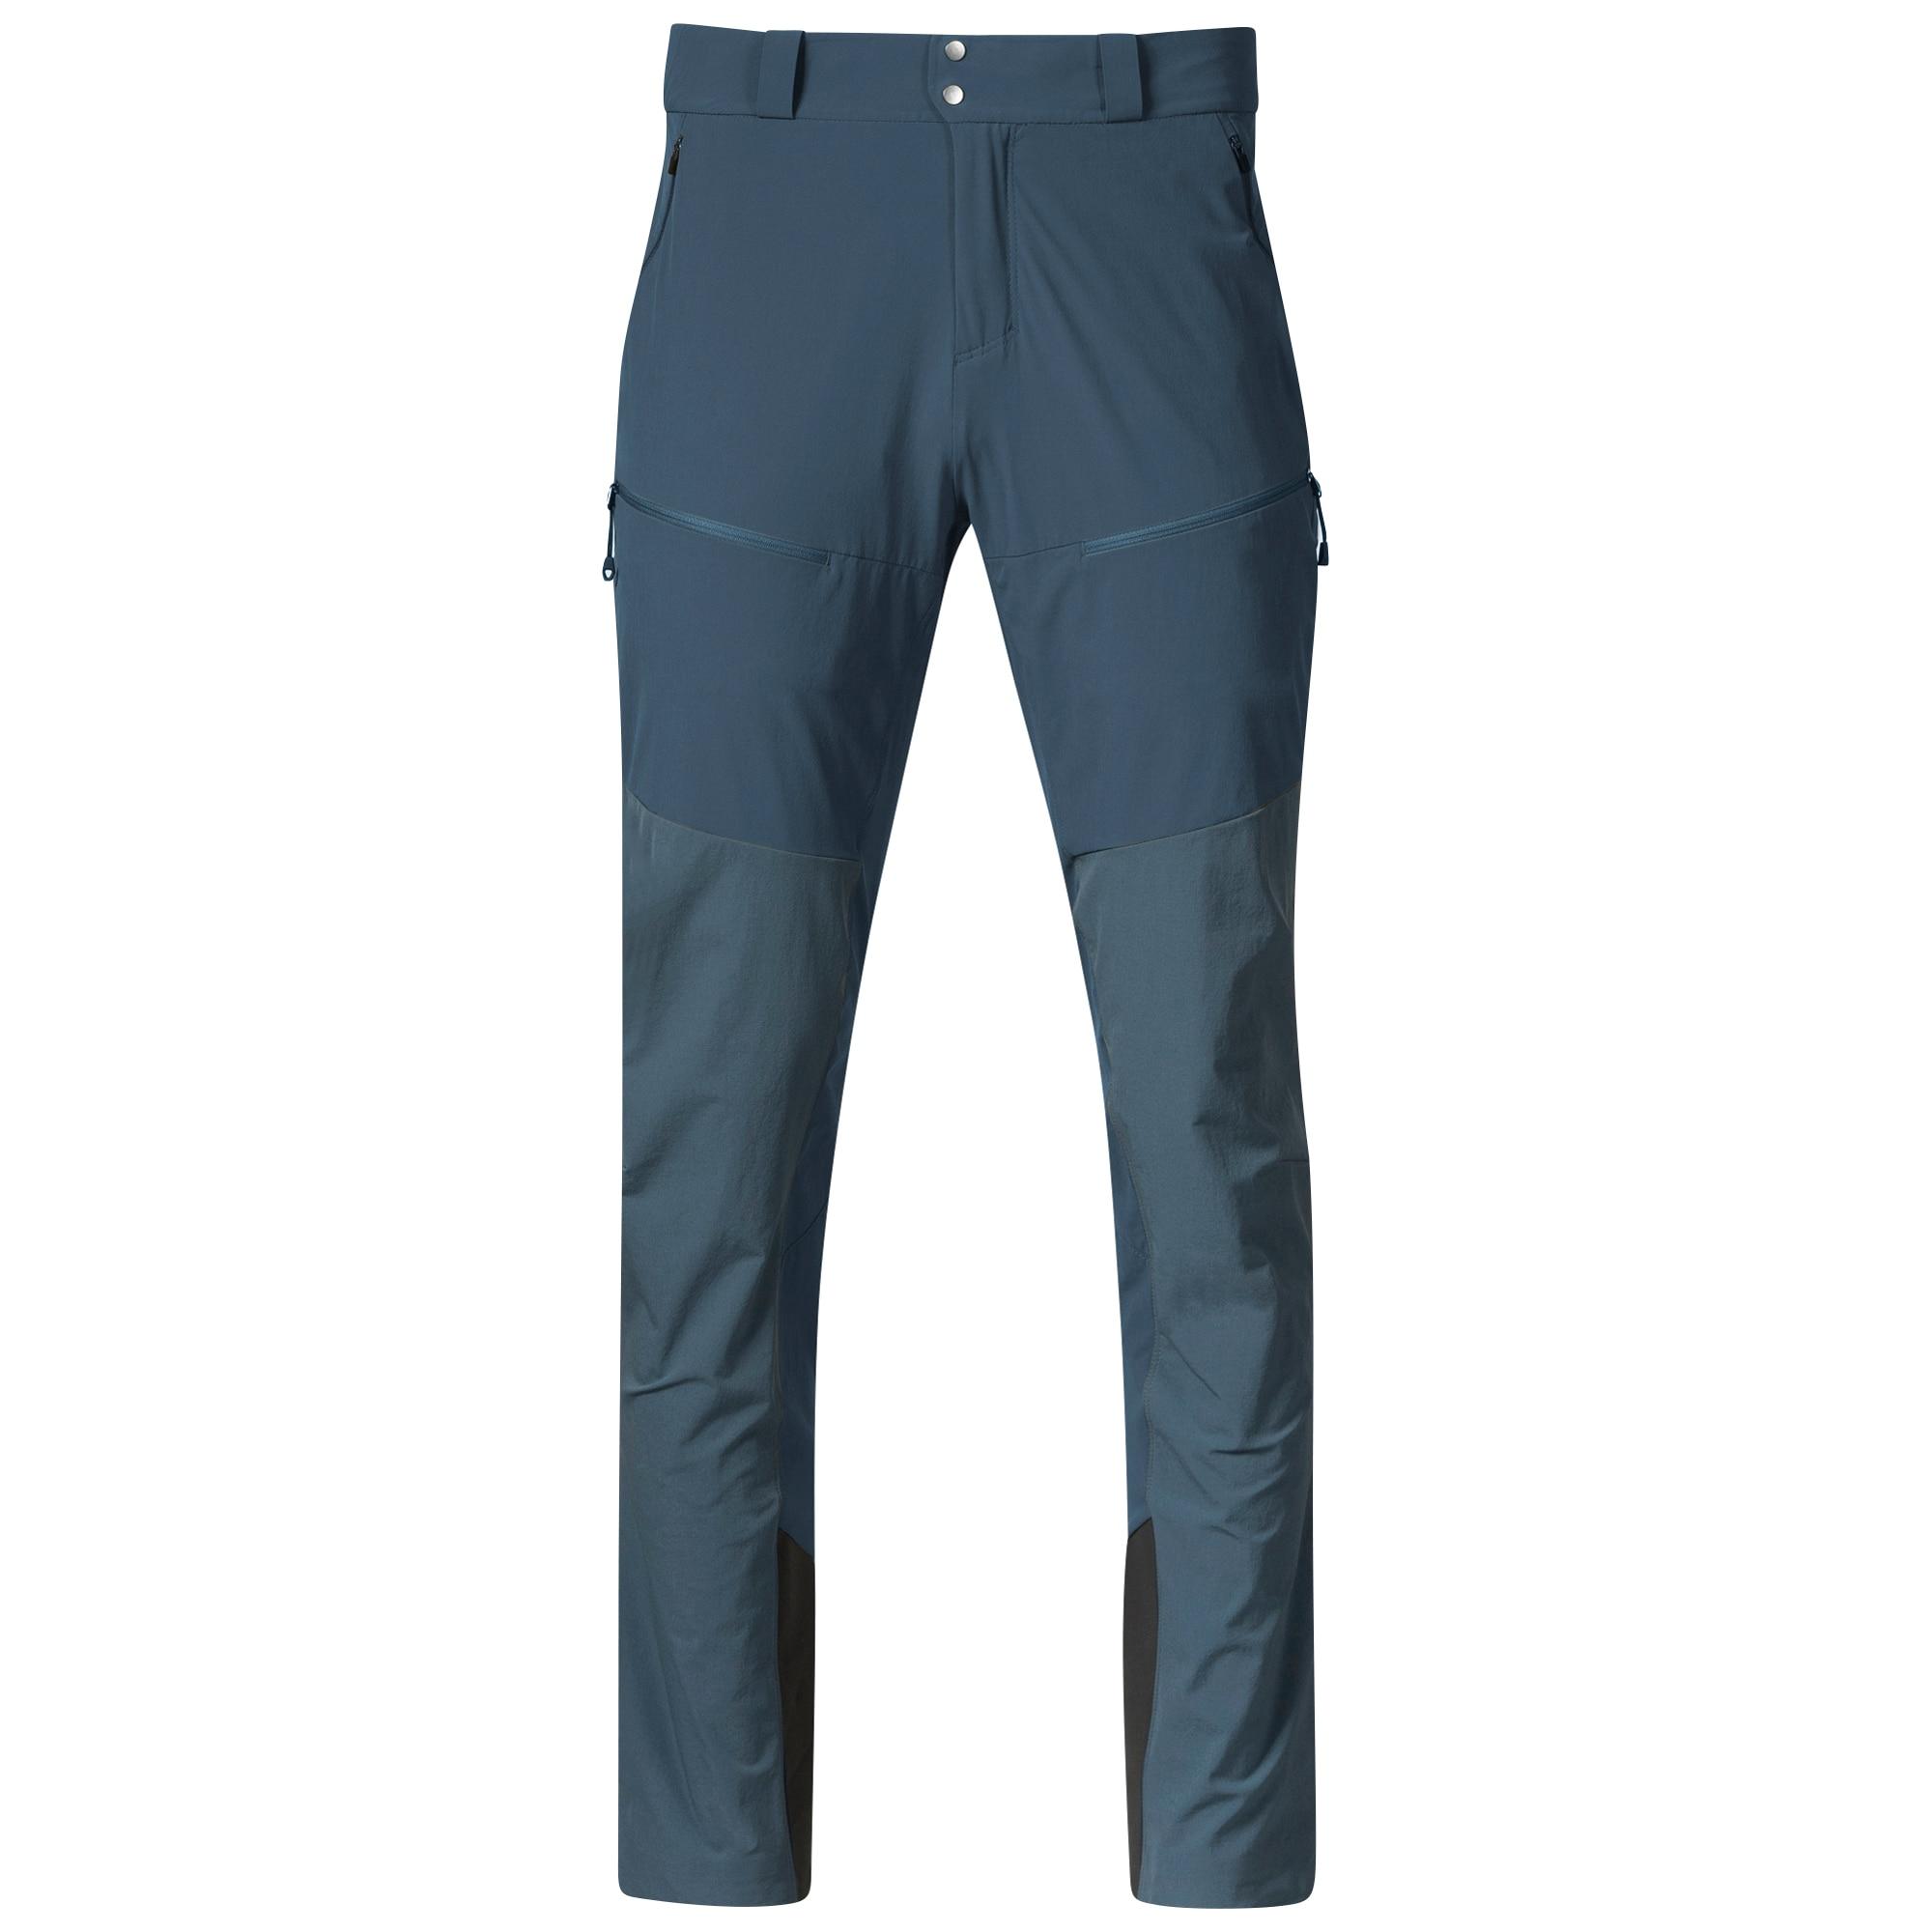 Rabot V2 Softshell Pants